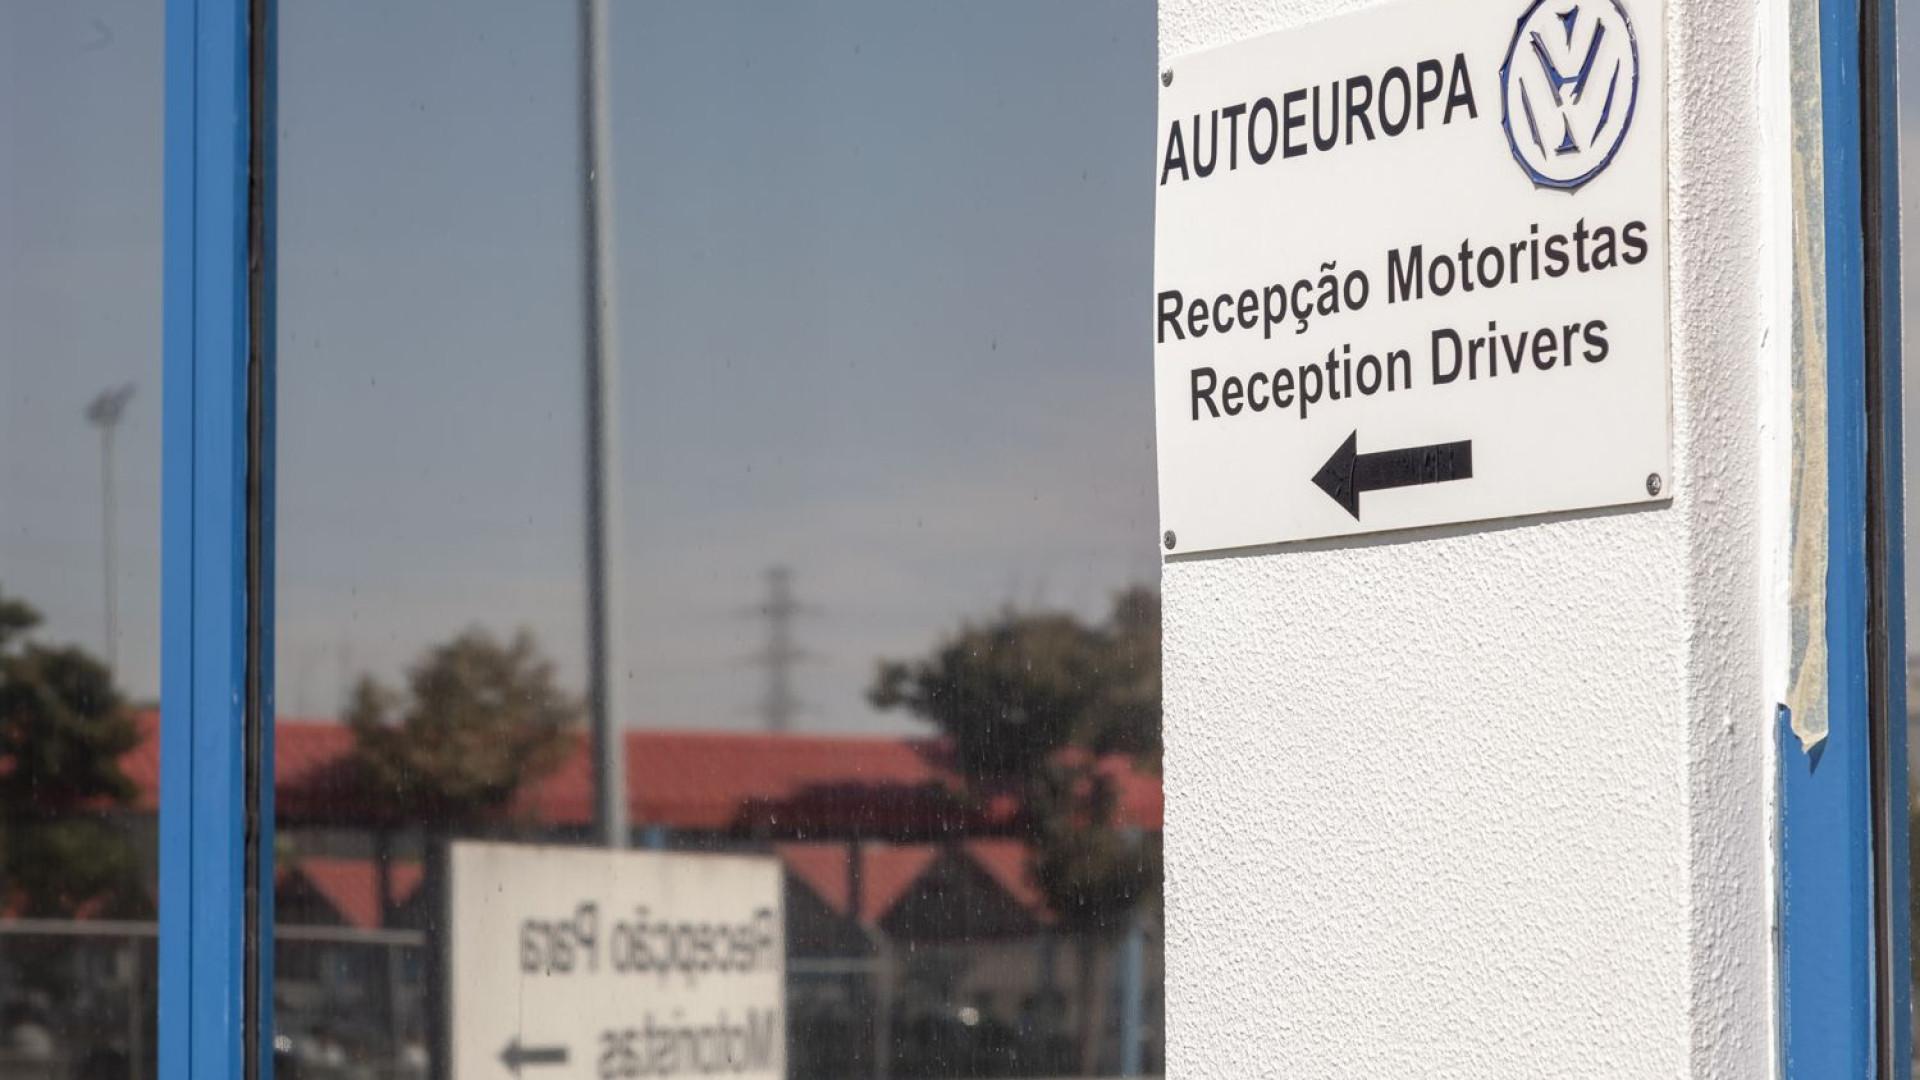 Trabalhadores denunciam despedimentos no Parque Industrial da Autoeuropa